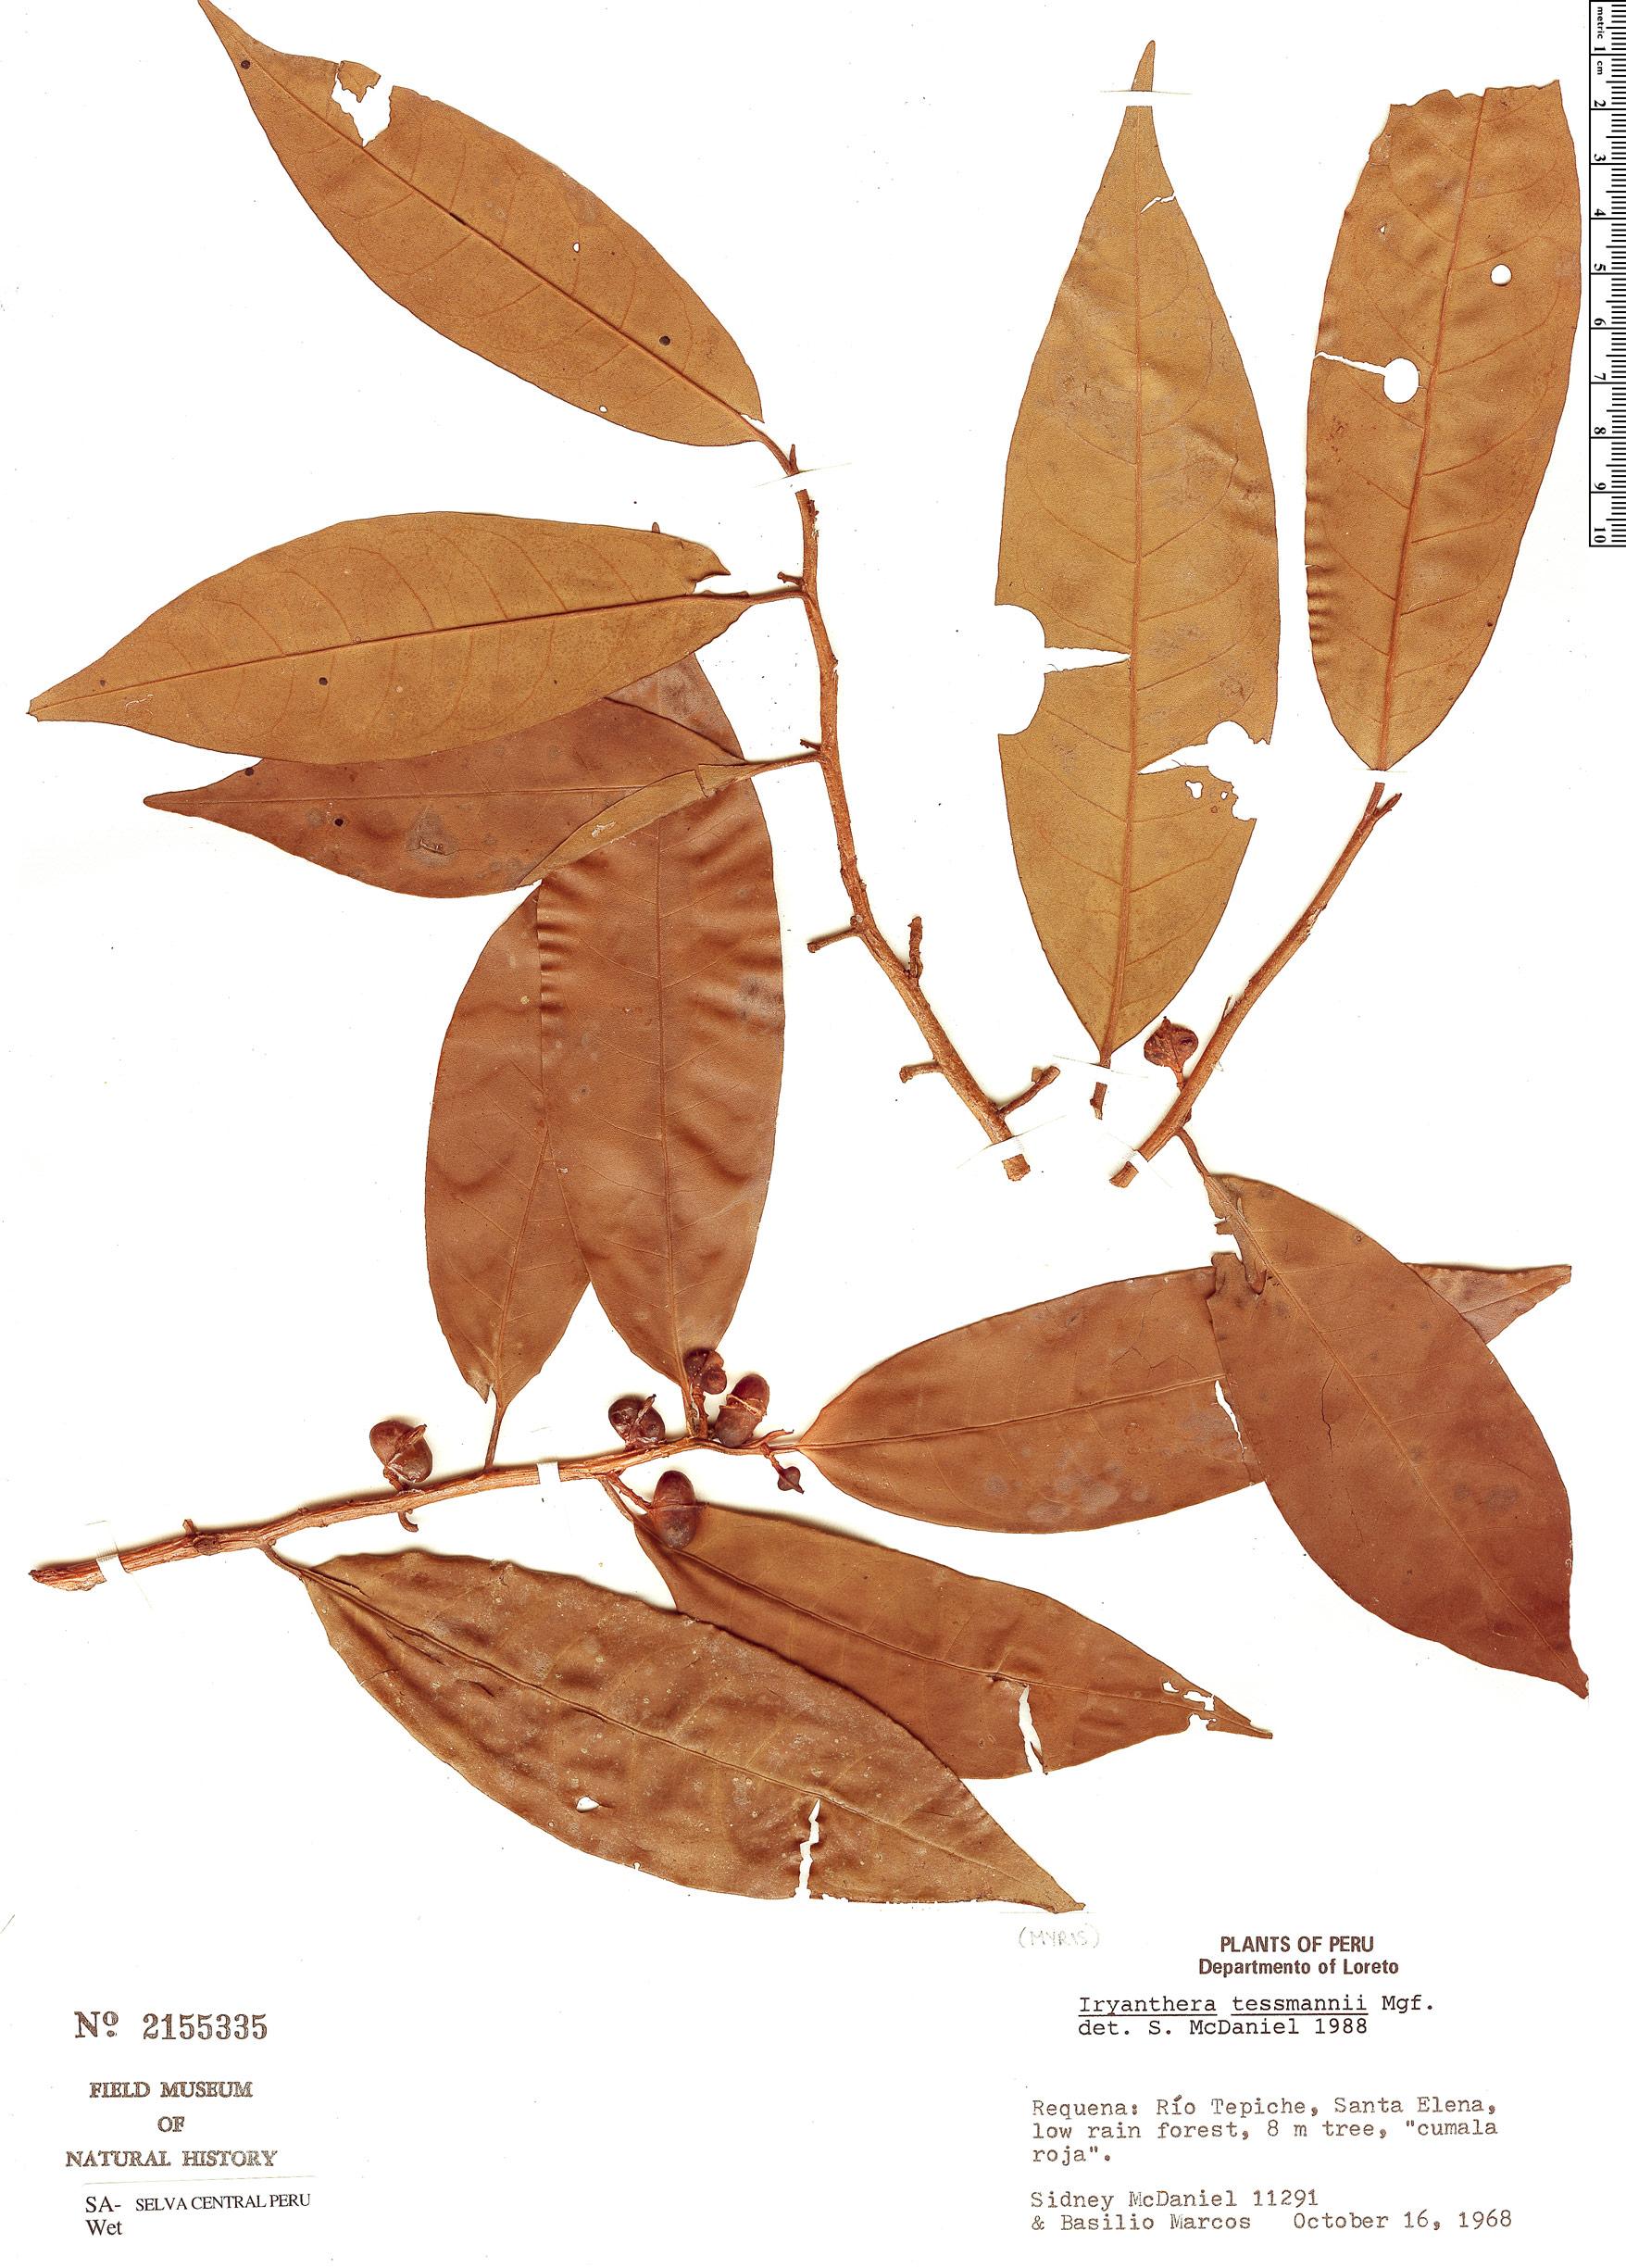 Specimen: Iryanthera tessmannii